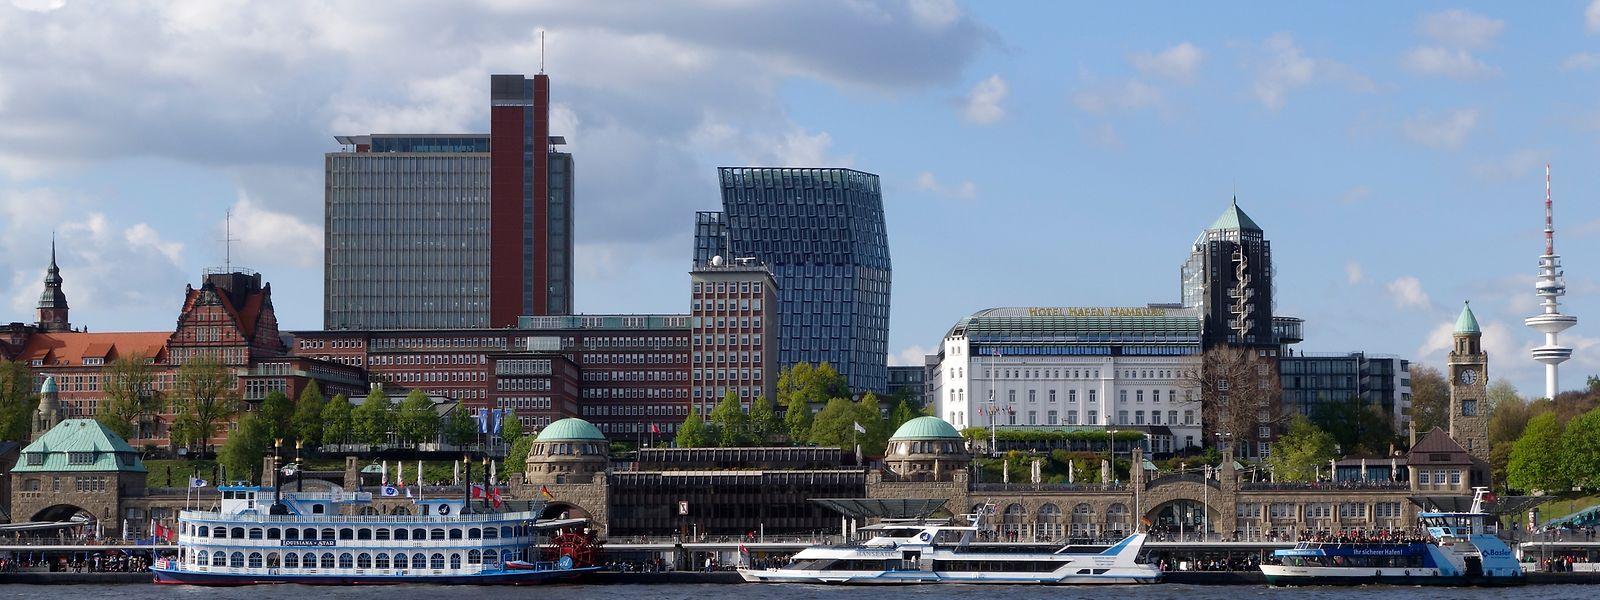 Citytrips nach Hamburg erfreuen sich großer Beliebtheit.